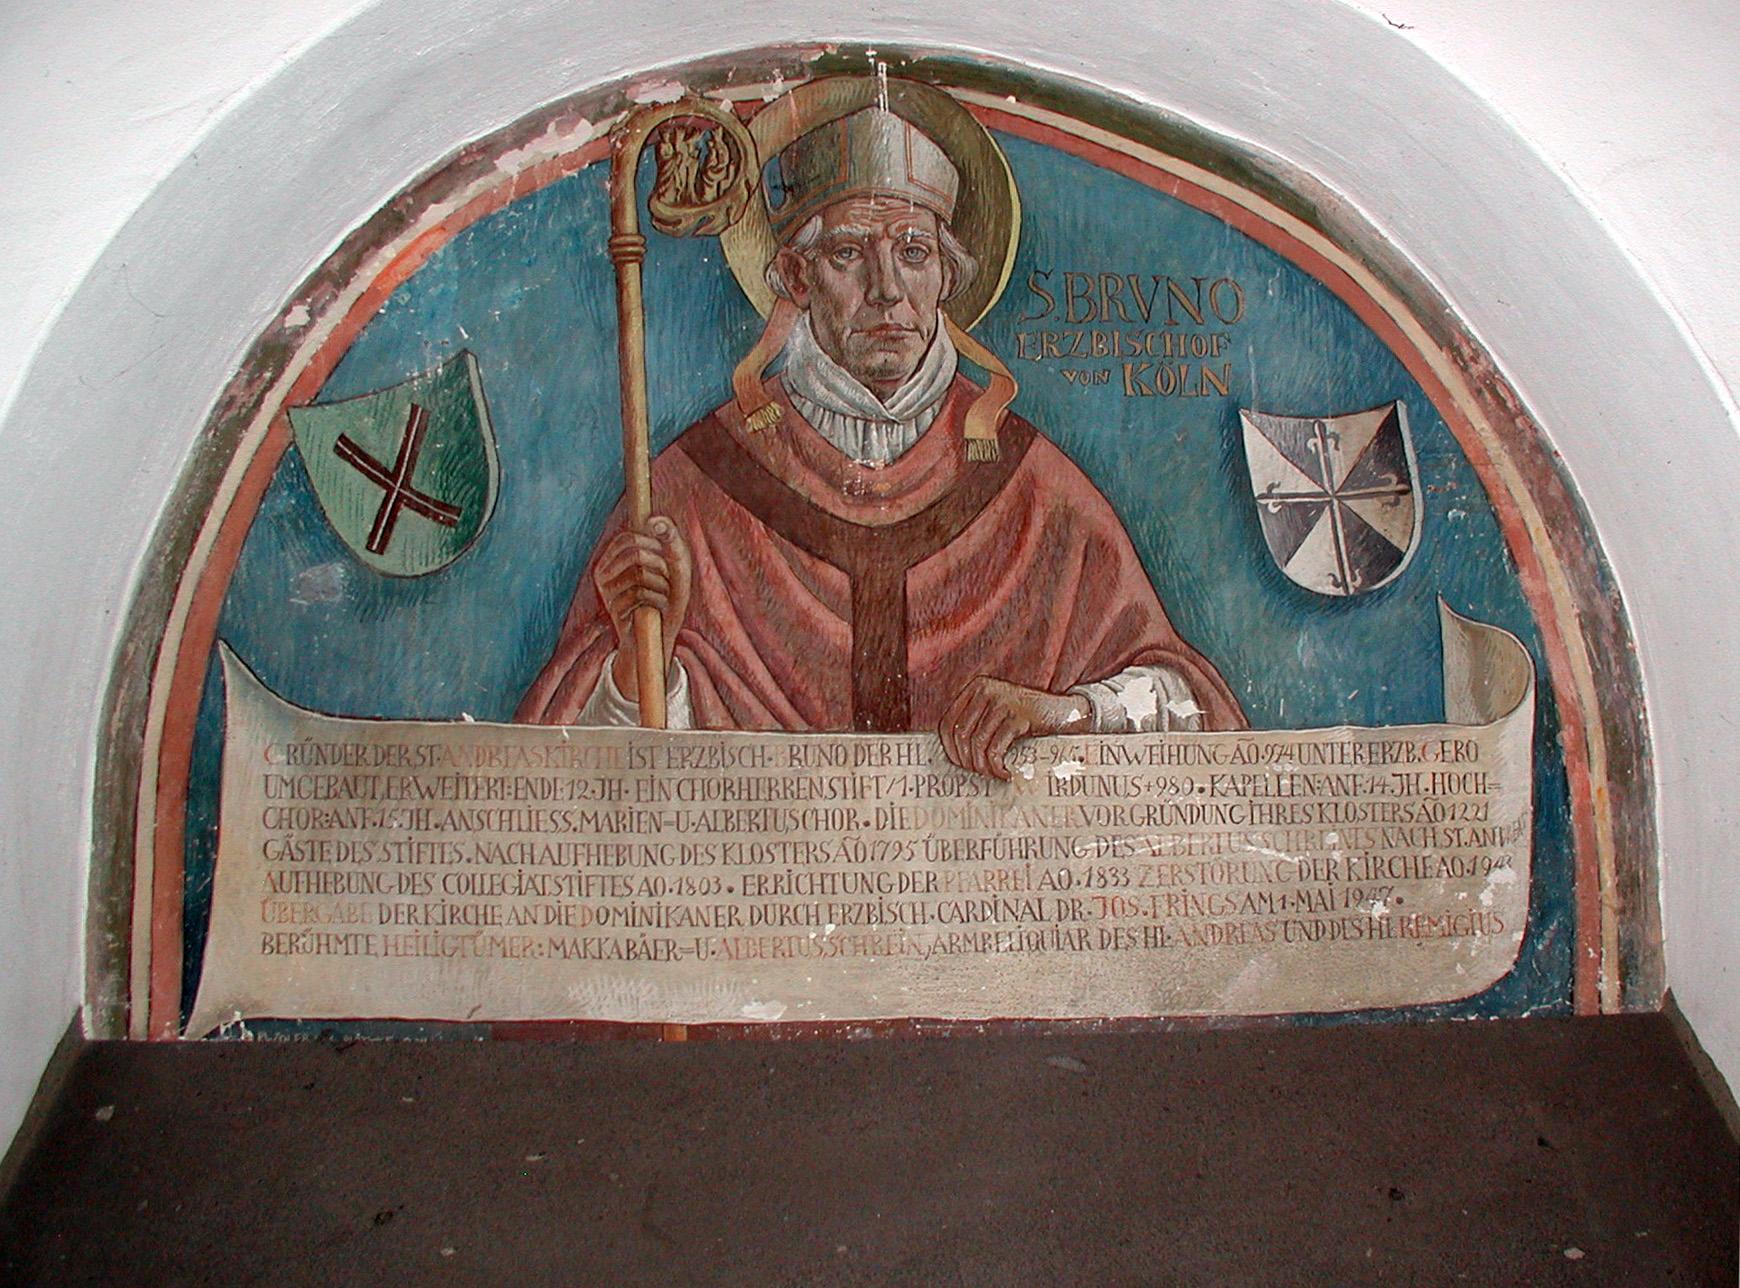 Darstellung des Erzbischof Brun in St. Andreas, Köln